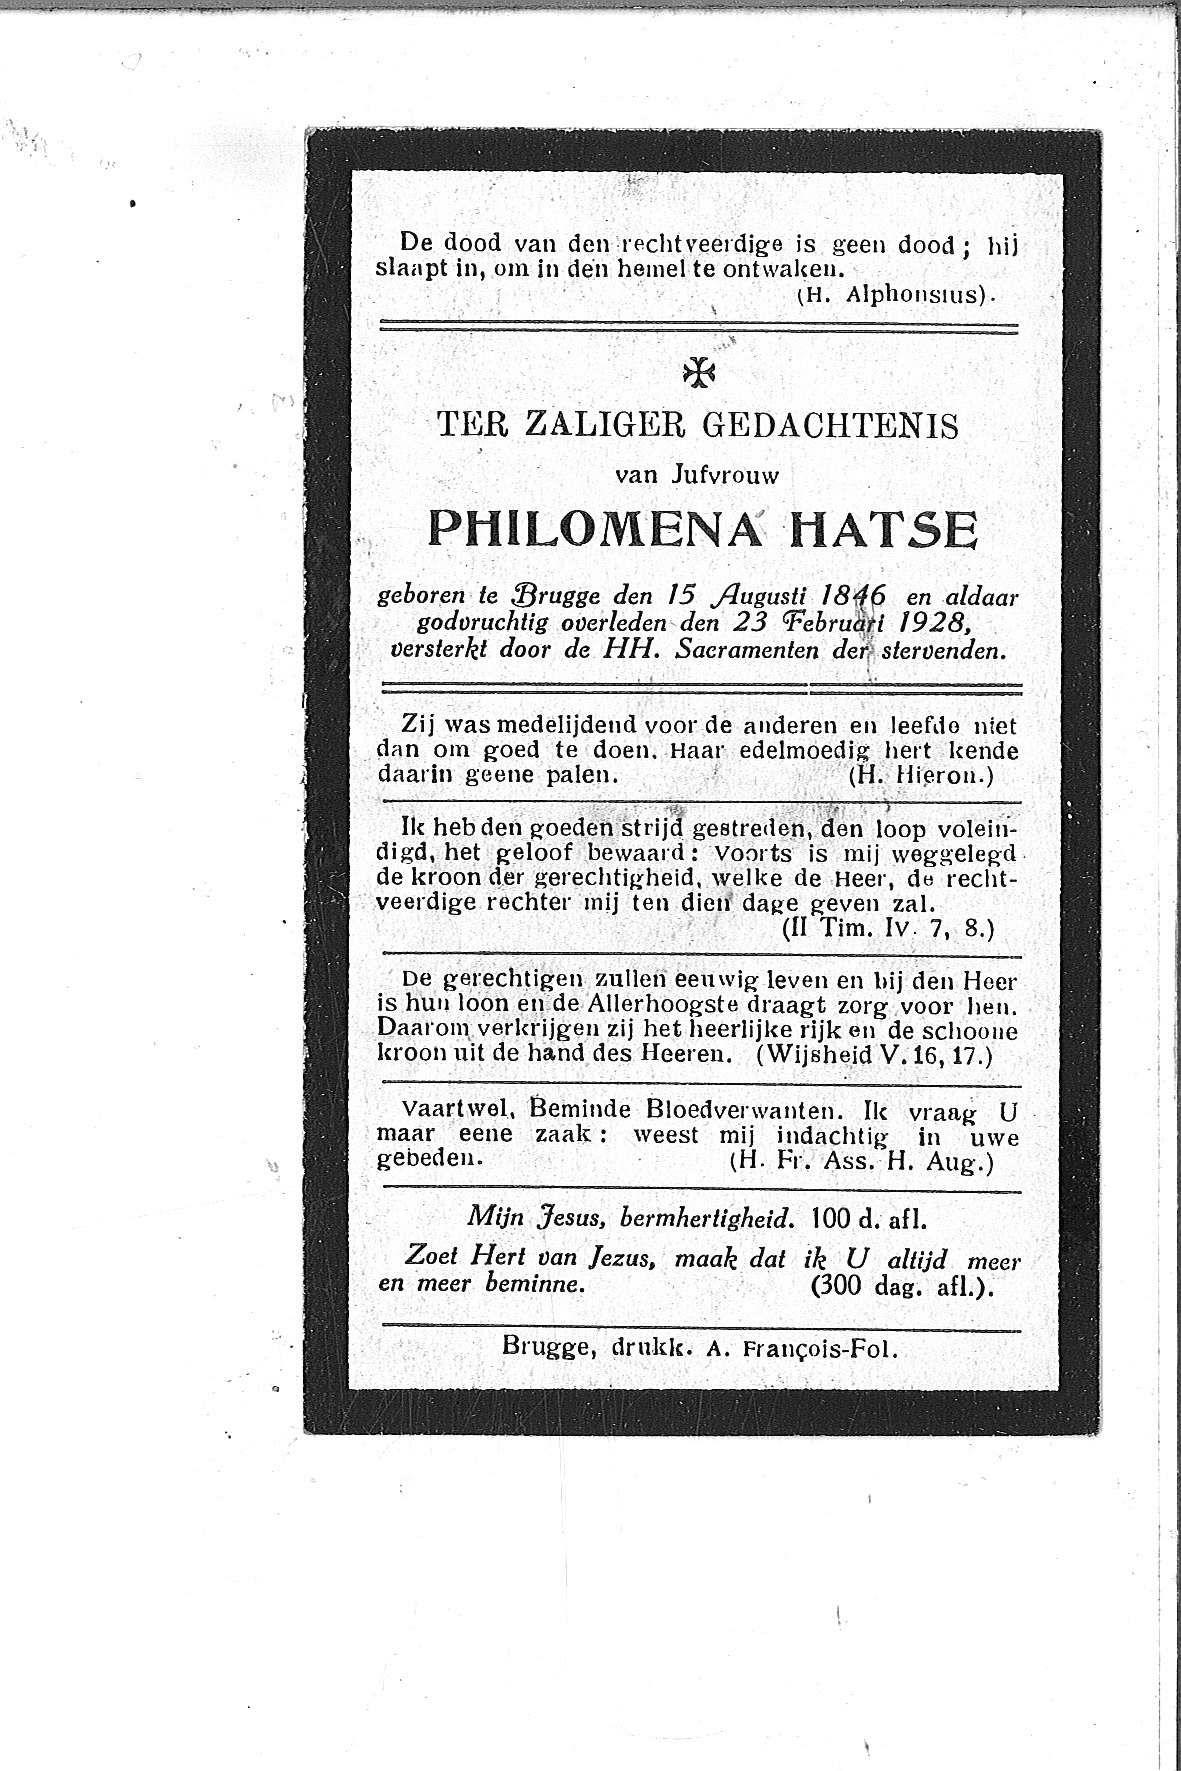 Philomena(1928)20140814152458_00033.jpg